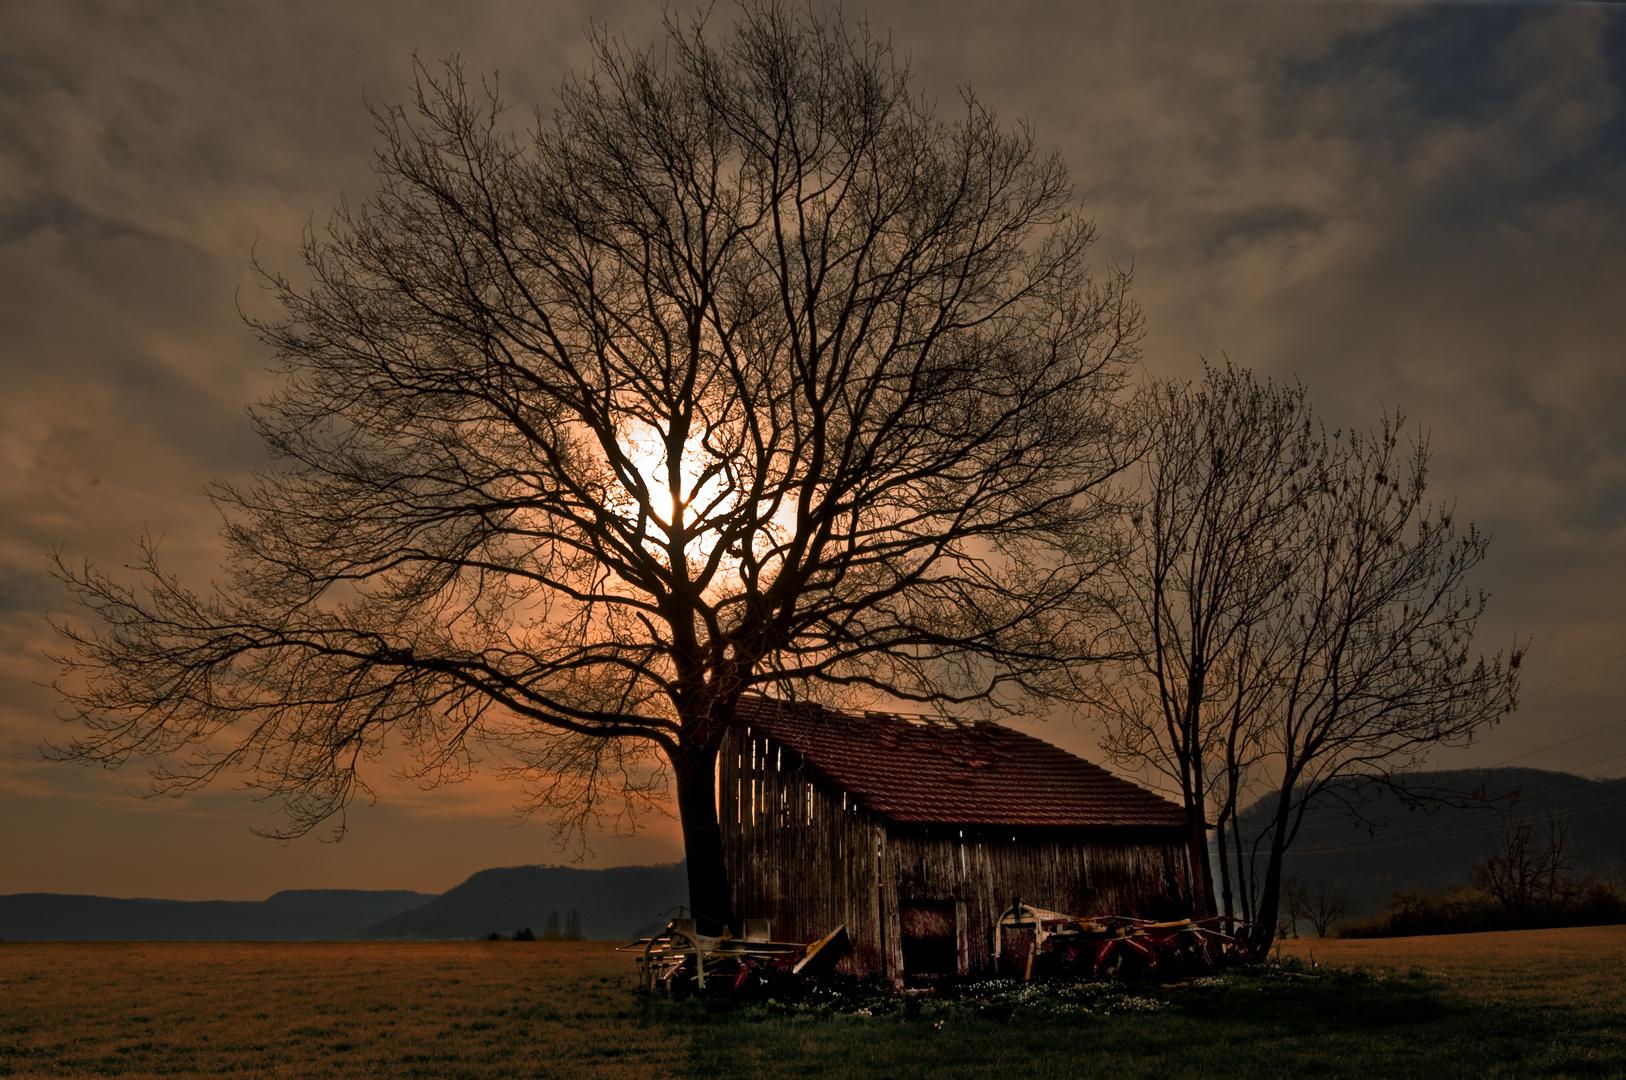 Une grange au soleil couchant - Scheune